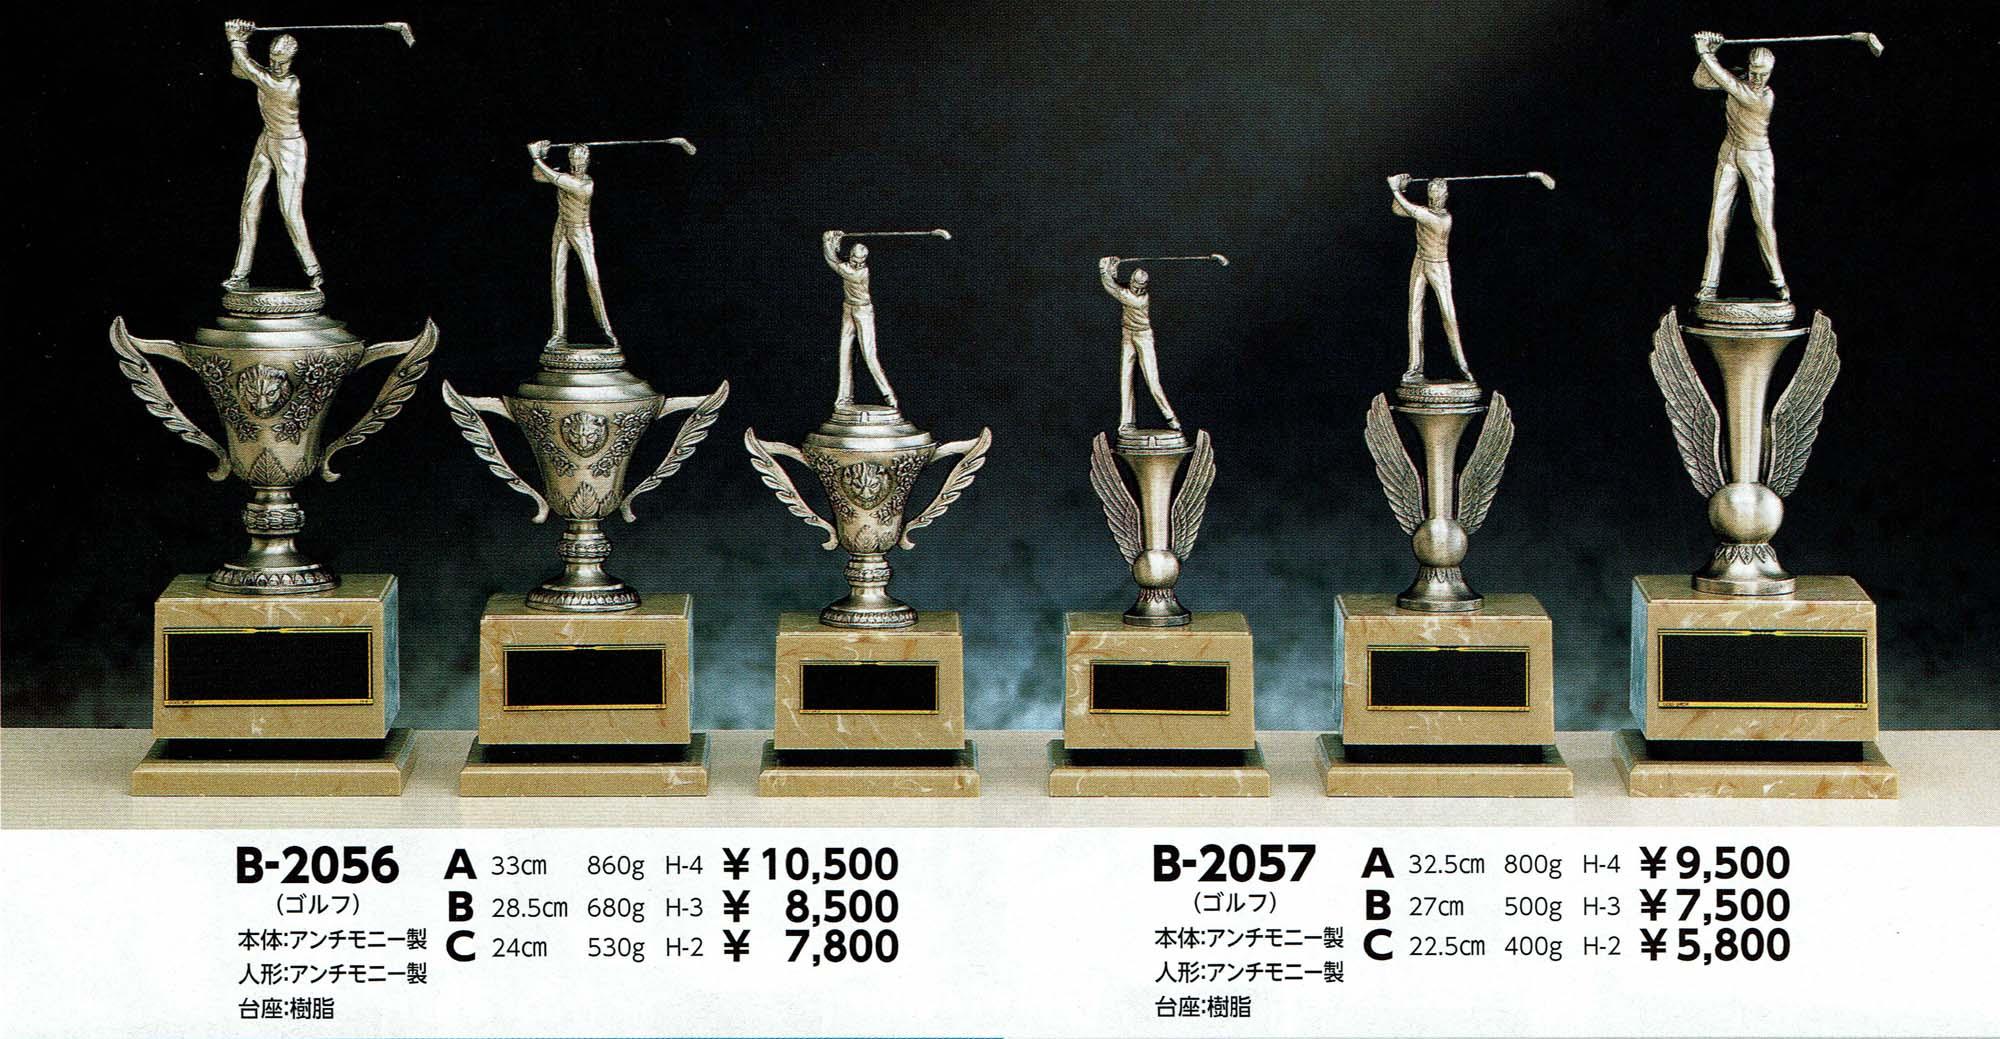 B2056、B2057